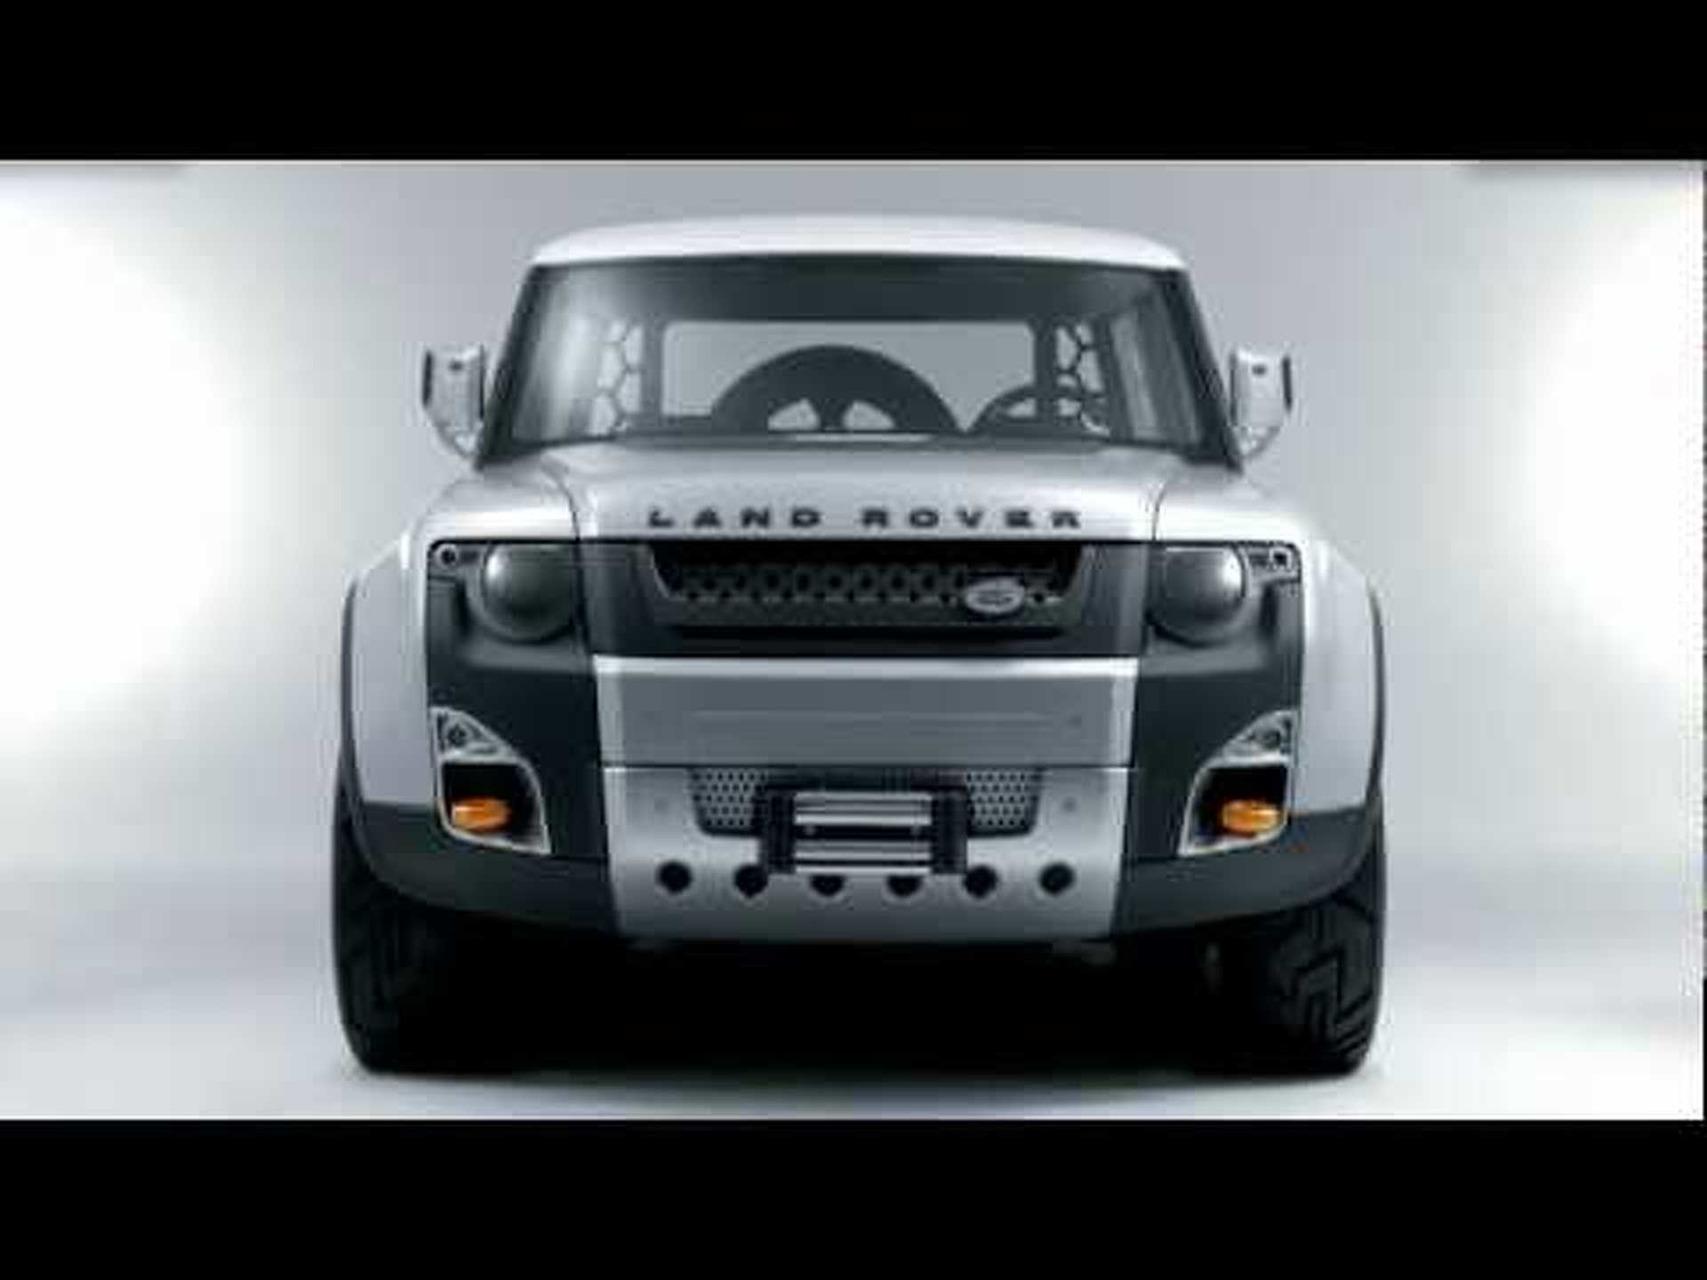 2011 Land Rover DC100 Concept